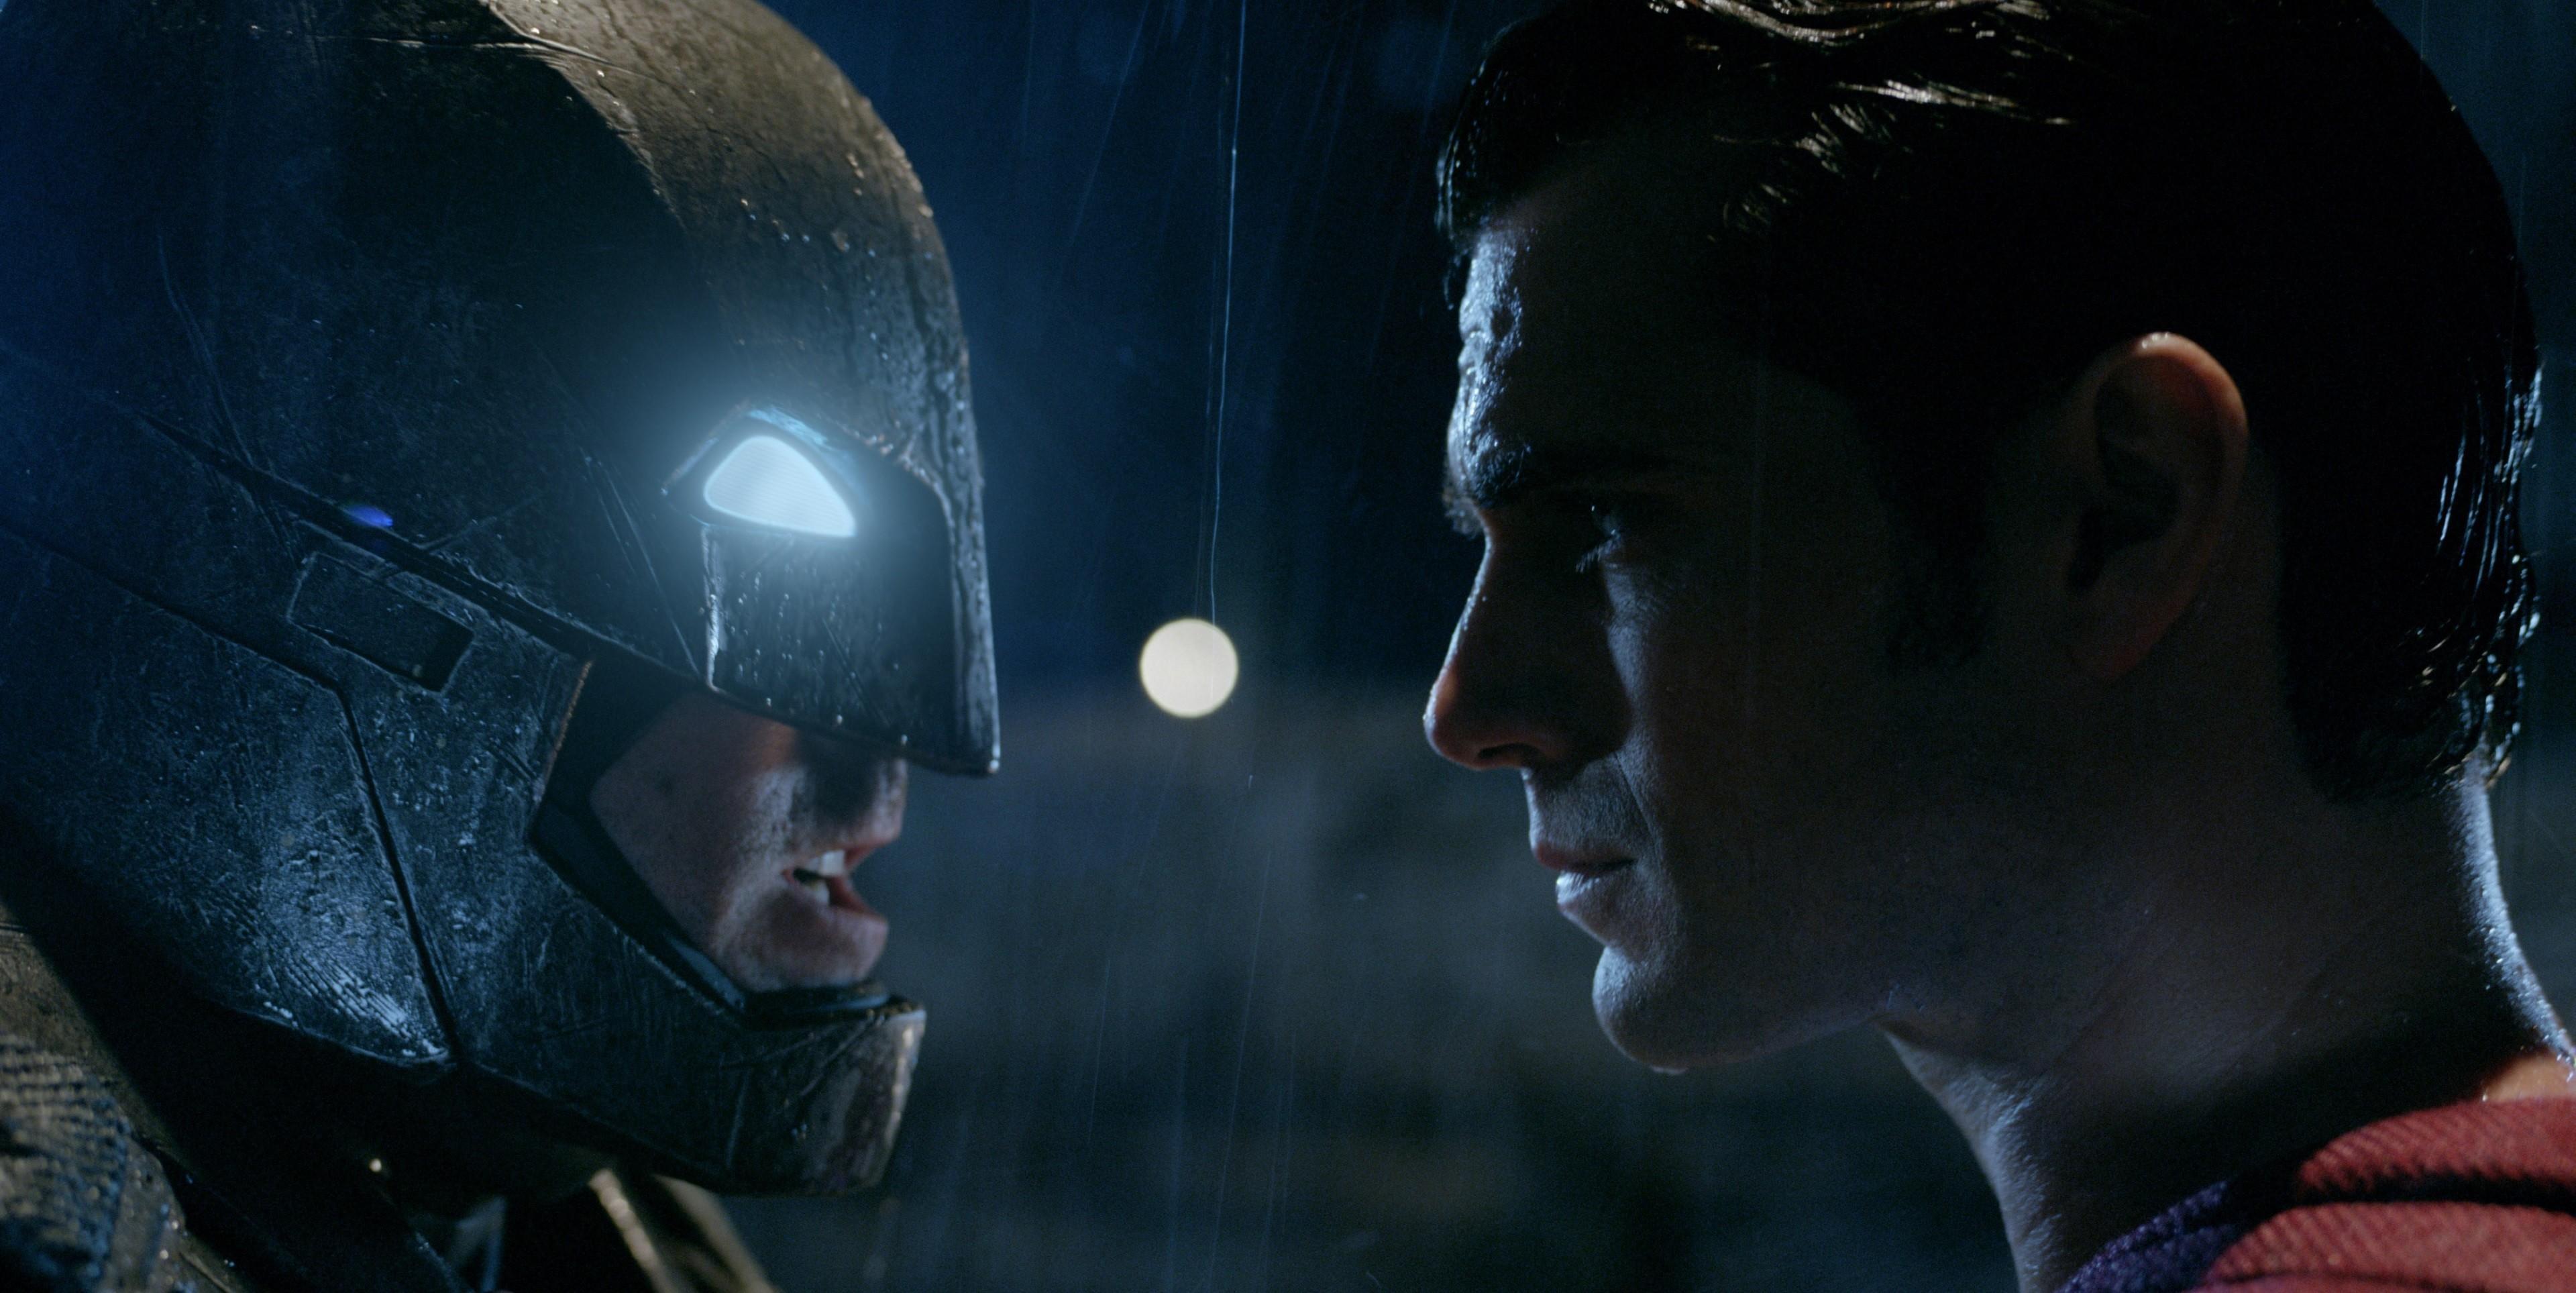 Batman Vs Superman Computer Backgrounds Wallpaper - Batman Vs Superman - HD Wallpaper